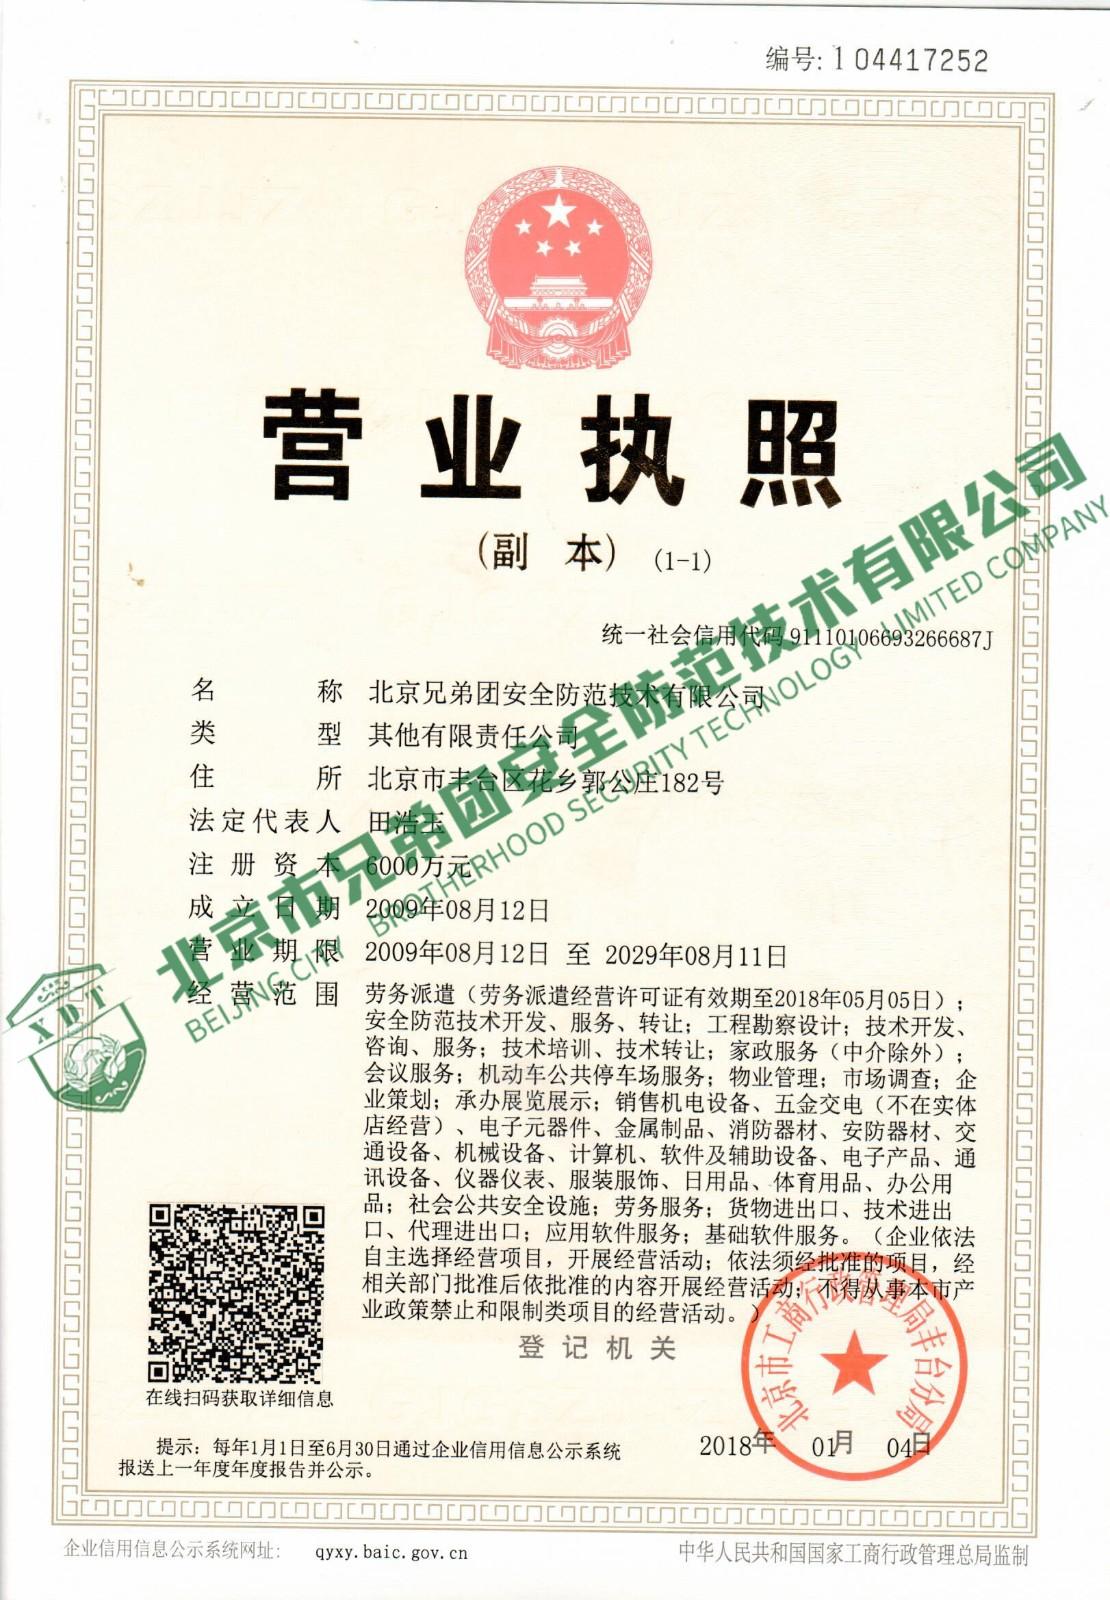 北京兄弟团安全防范技术有限公司